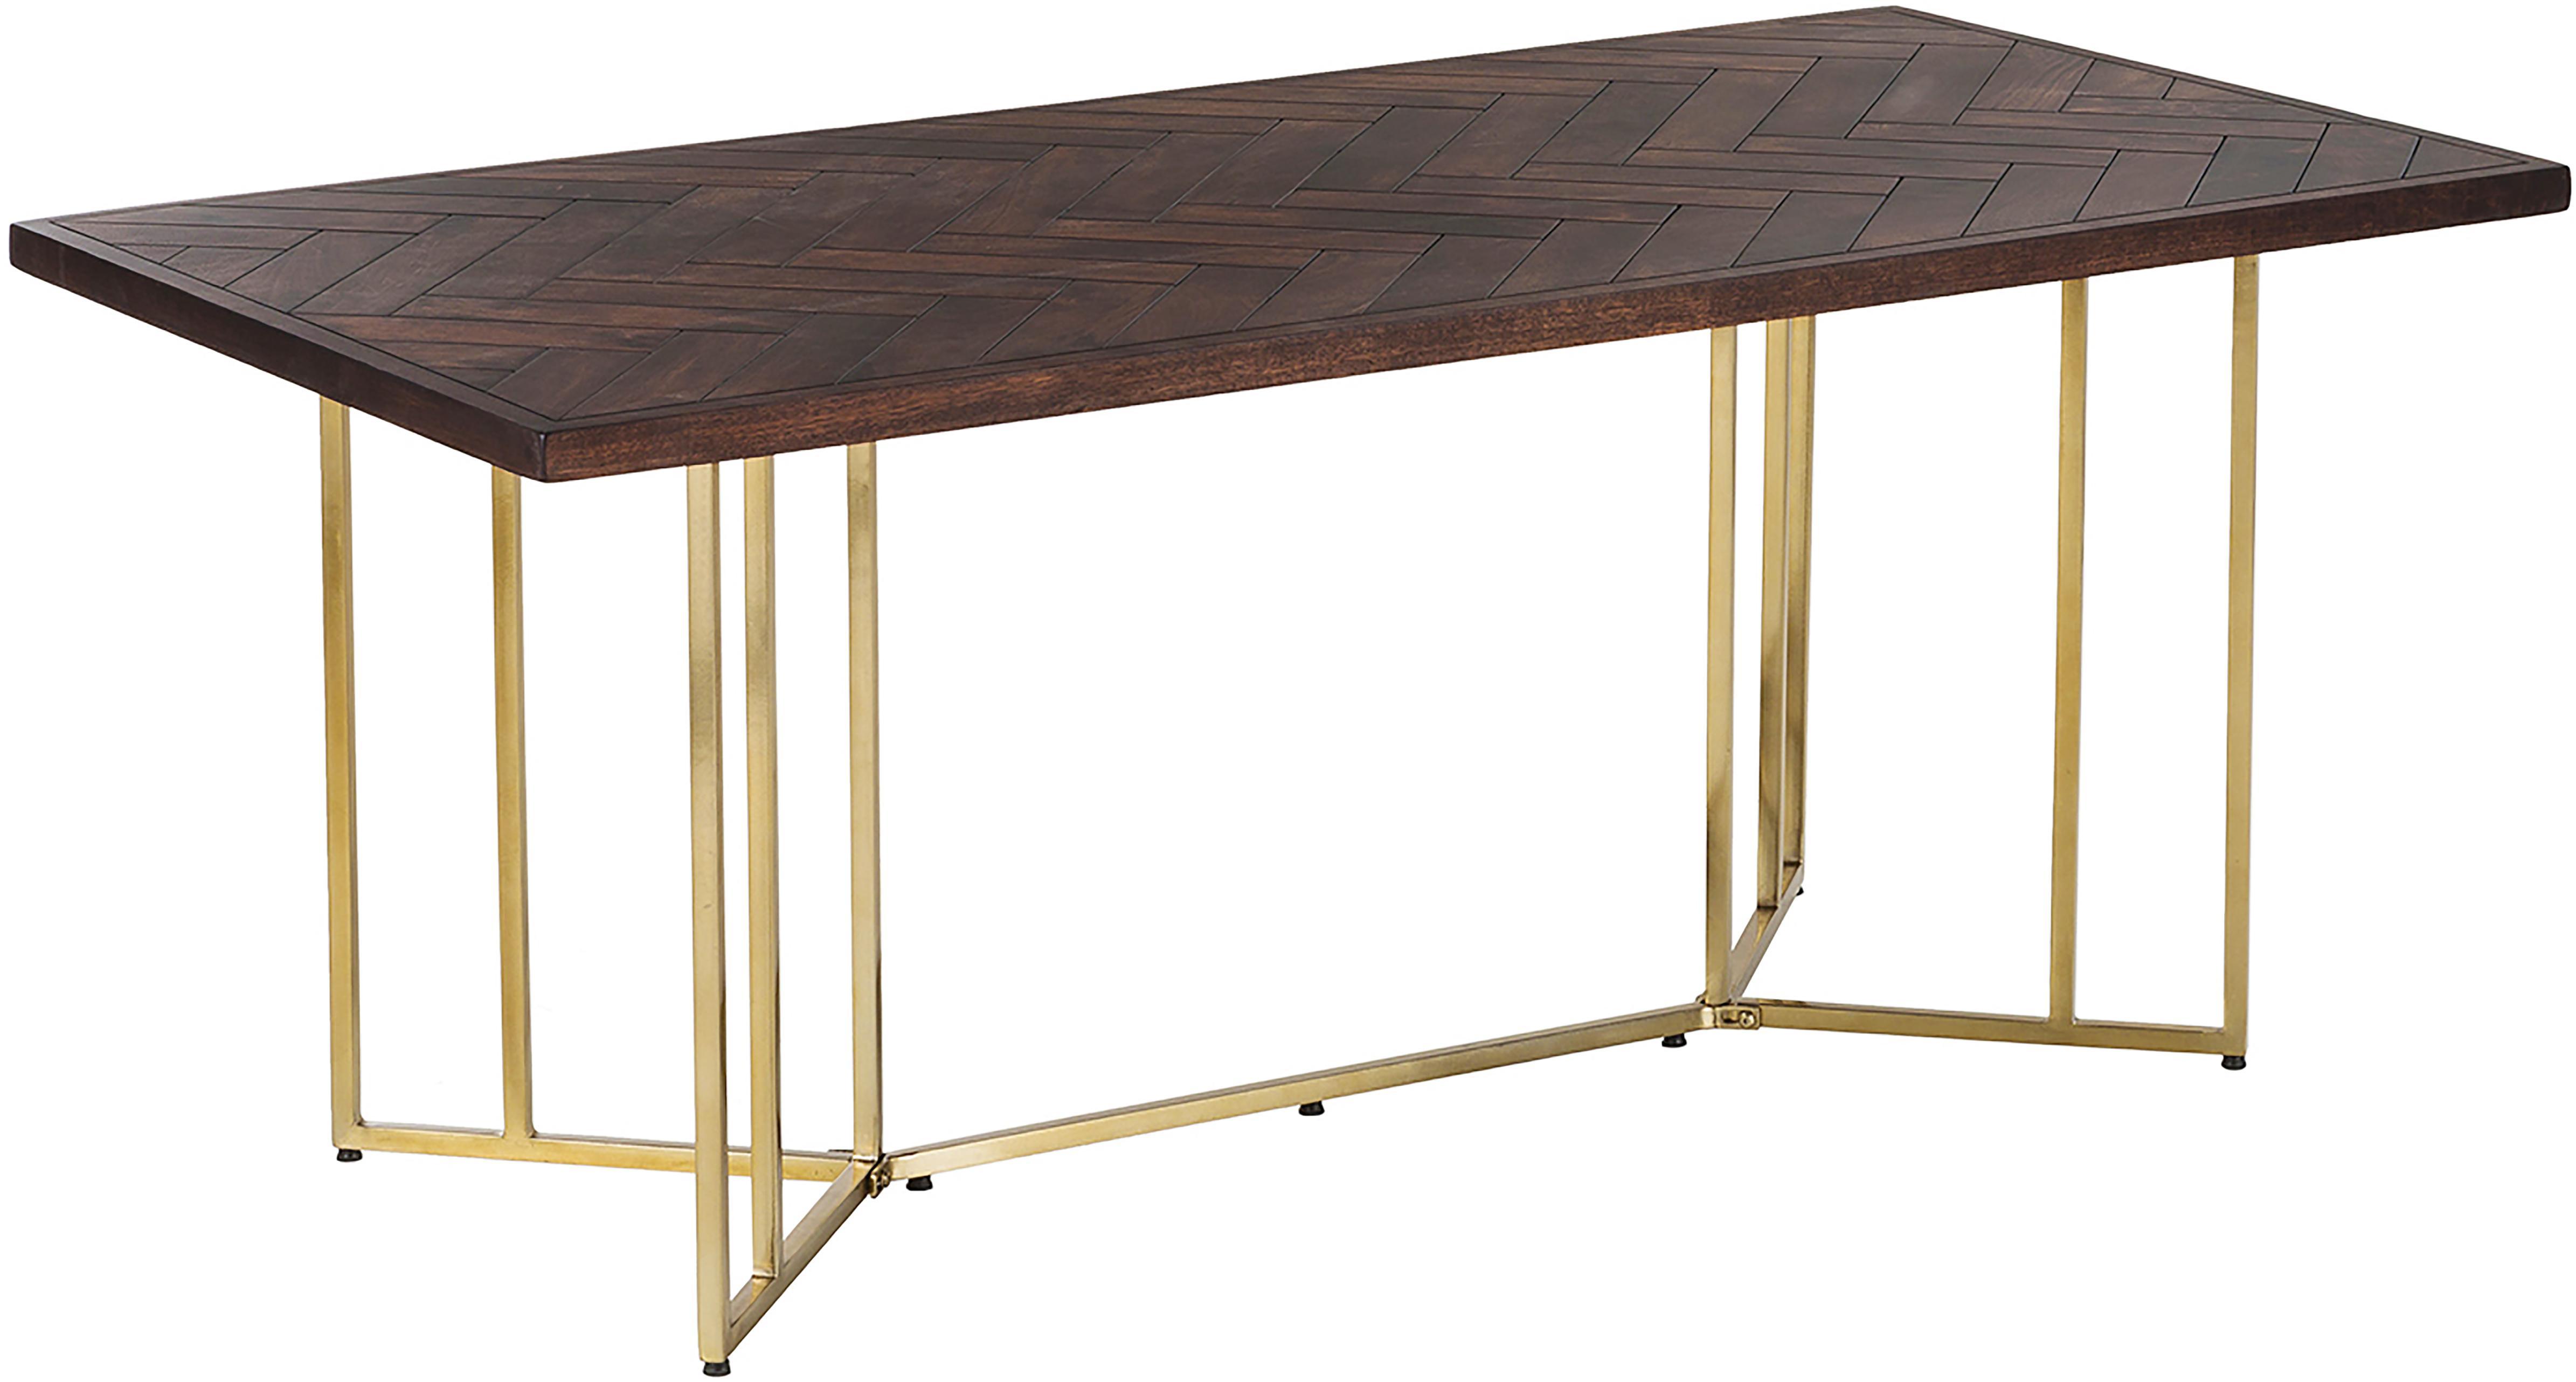 Tavolo in legno di mango Luca, Piano d'appoggio: legno di mango, Struttura: metallo rivestito, Piano d'appoggio: legno di mango verniciato scuro Struttura: dorato, Larg. 180 x Prof. 90 cm